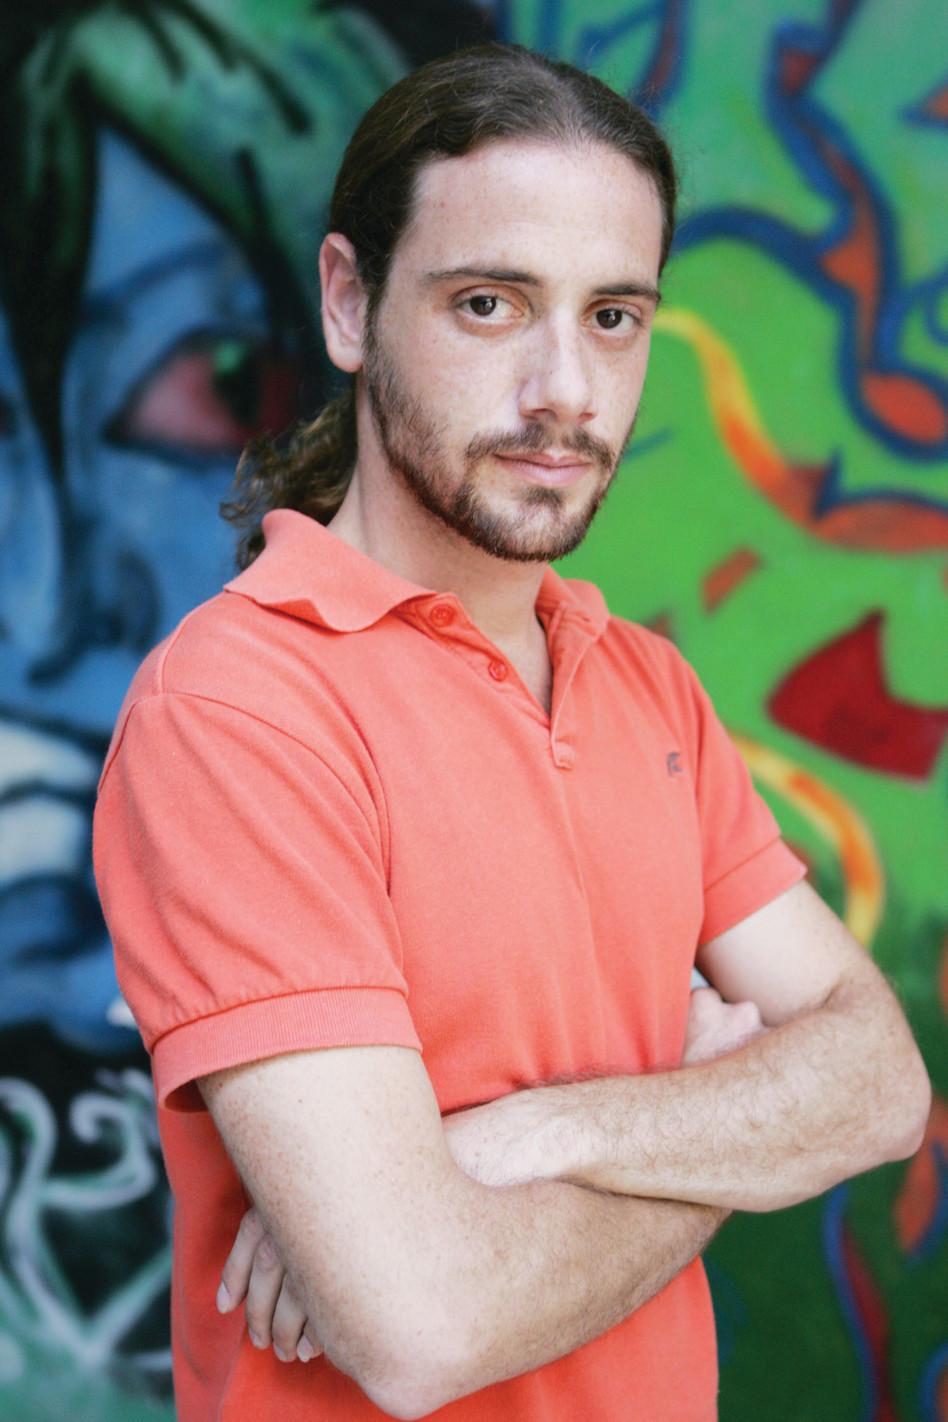 ג'קו אייזנברג (צילום: אריק סולטן)